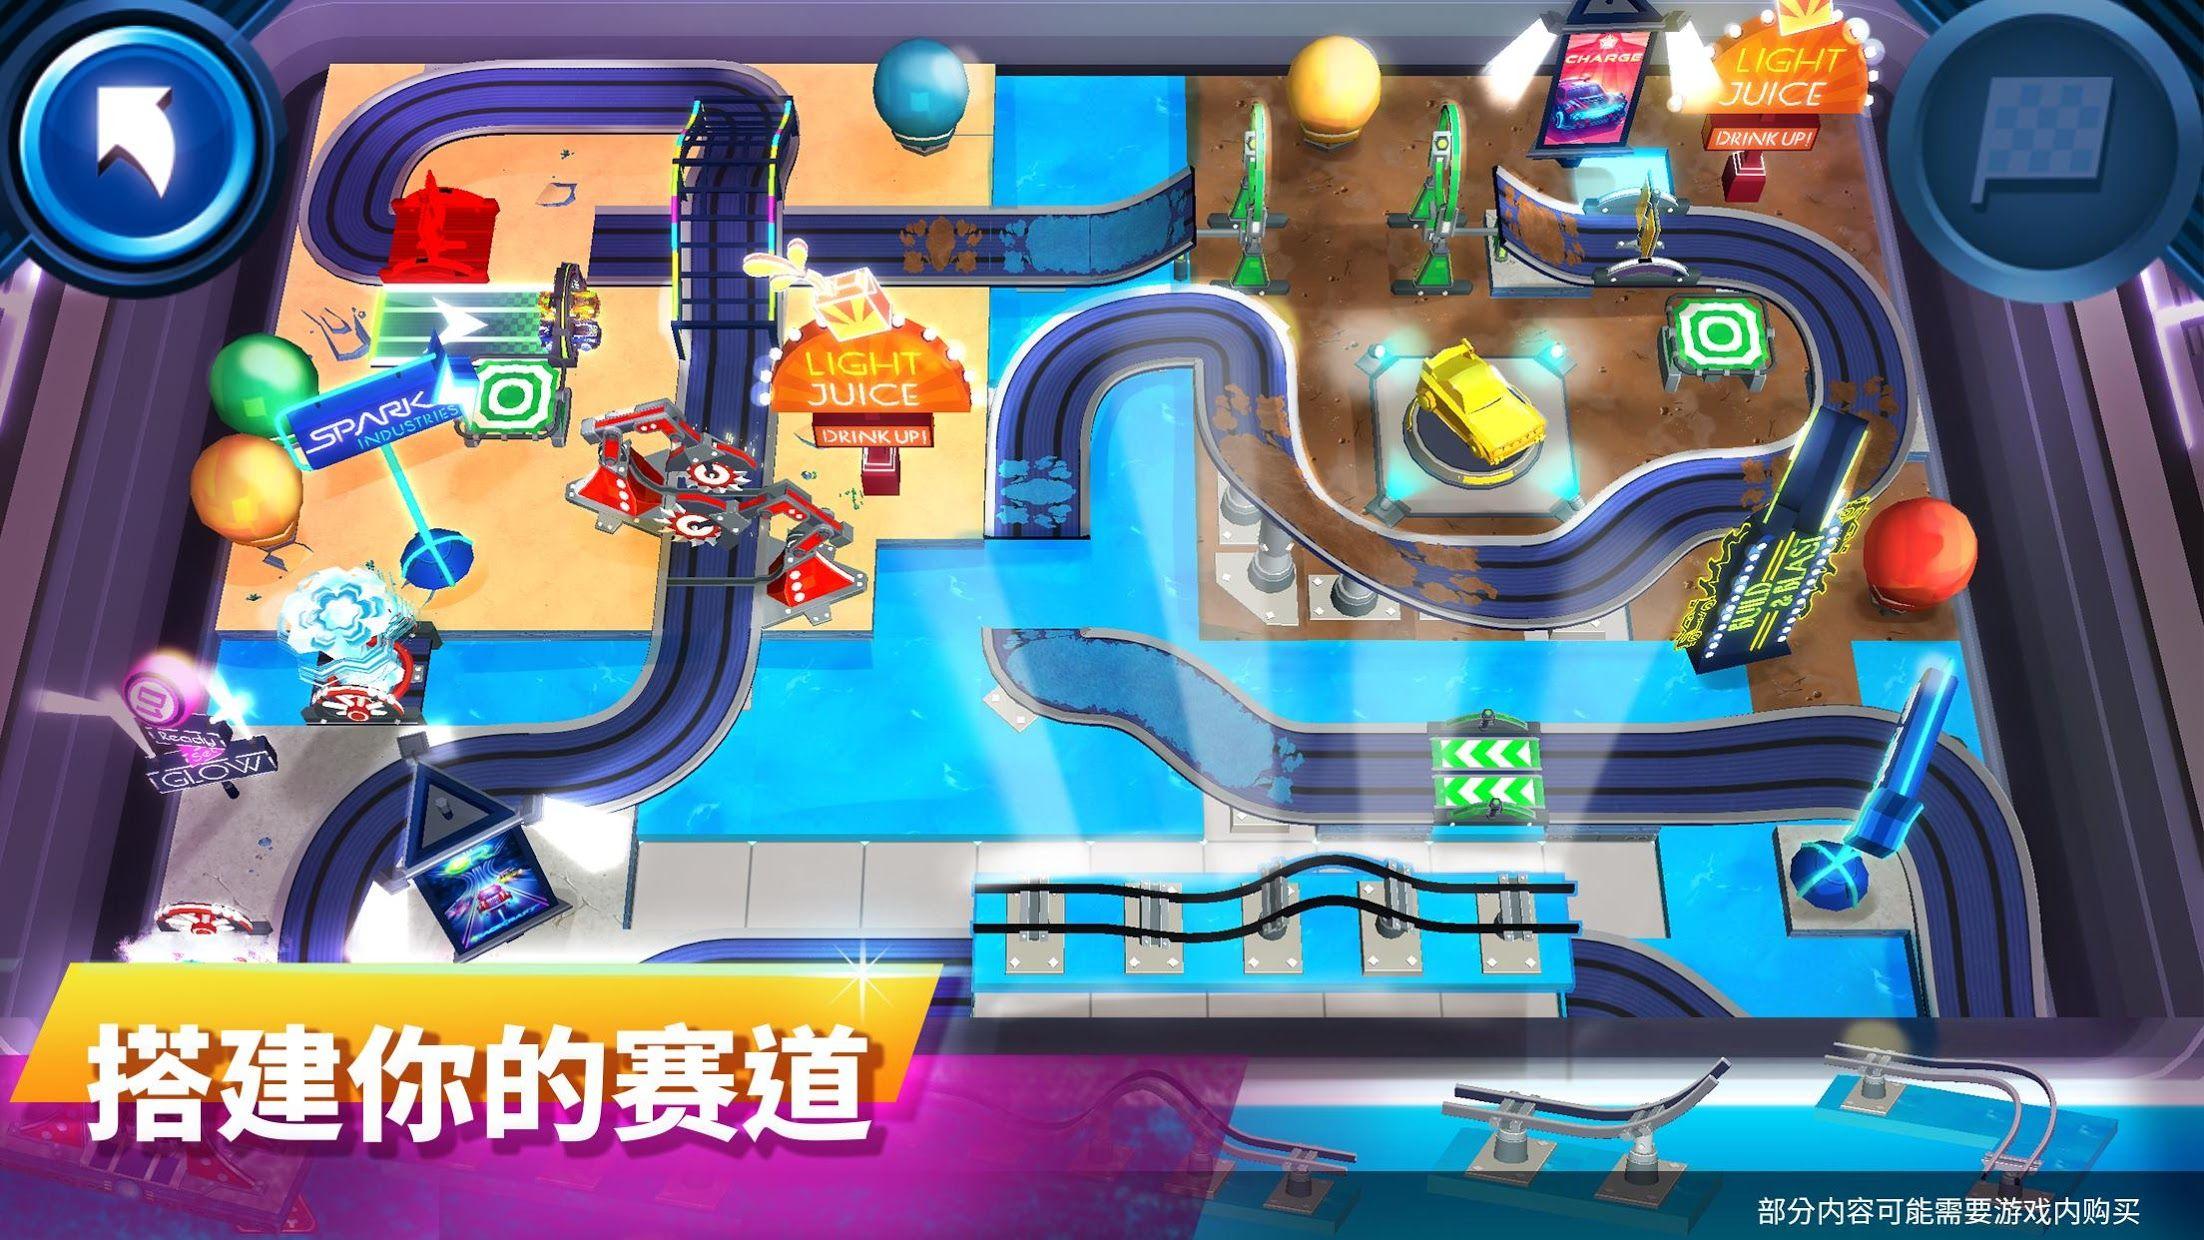 RaceCraft - 搭建与赛车 游戏截图1